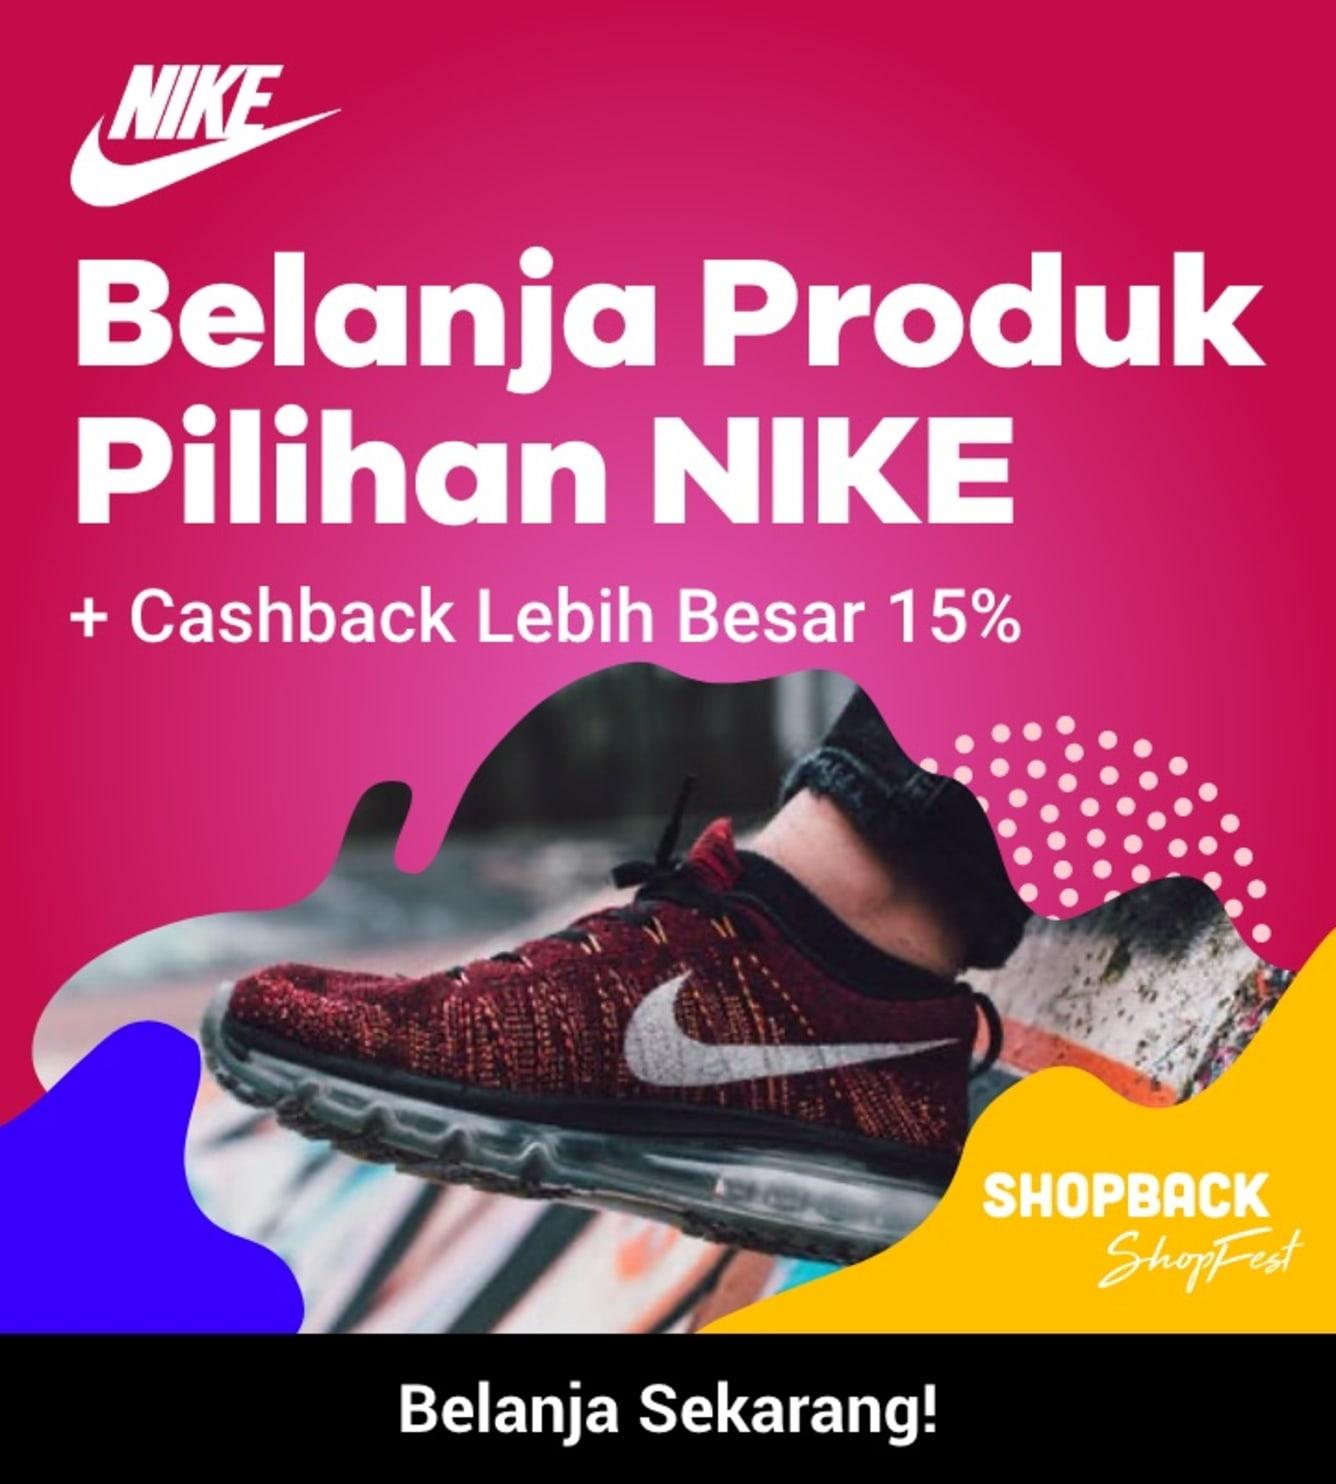 Week 50 - Promo Nike 12.12